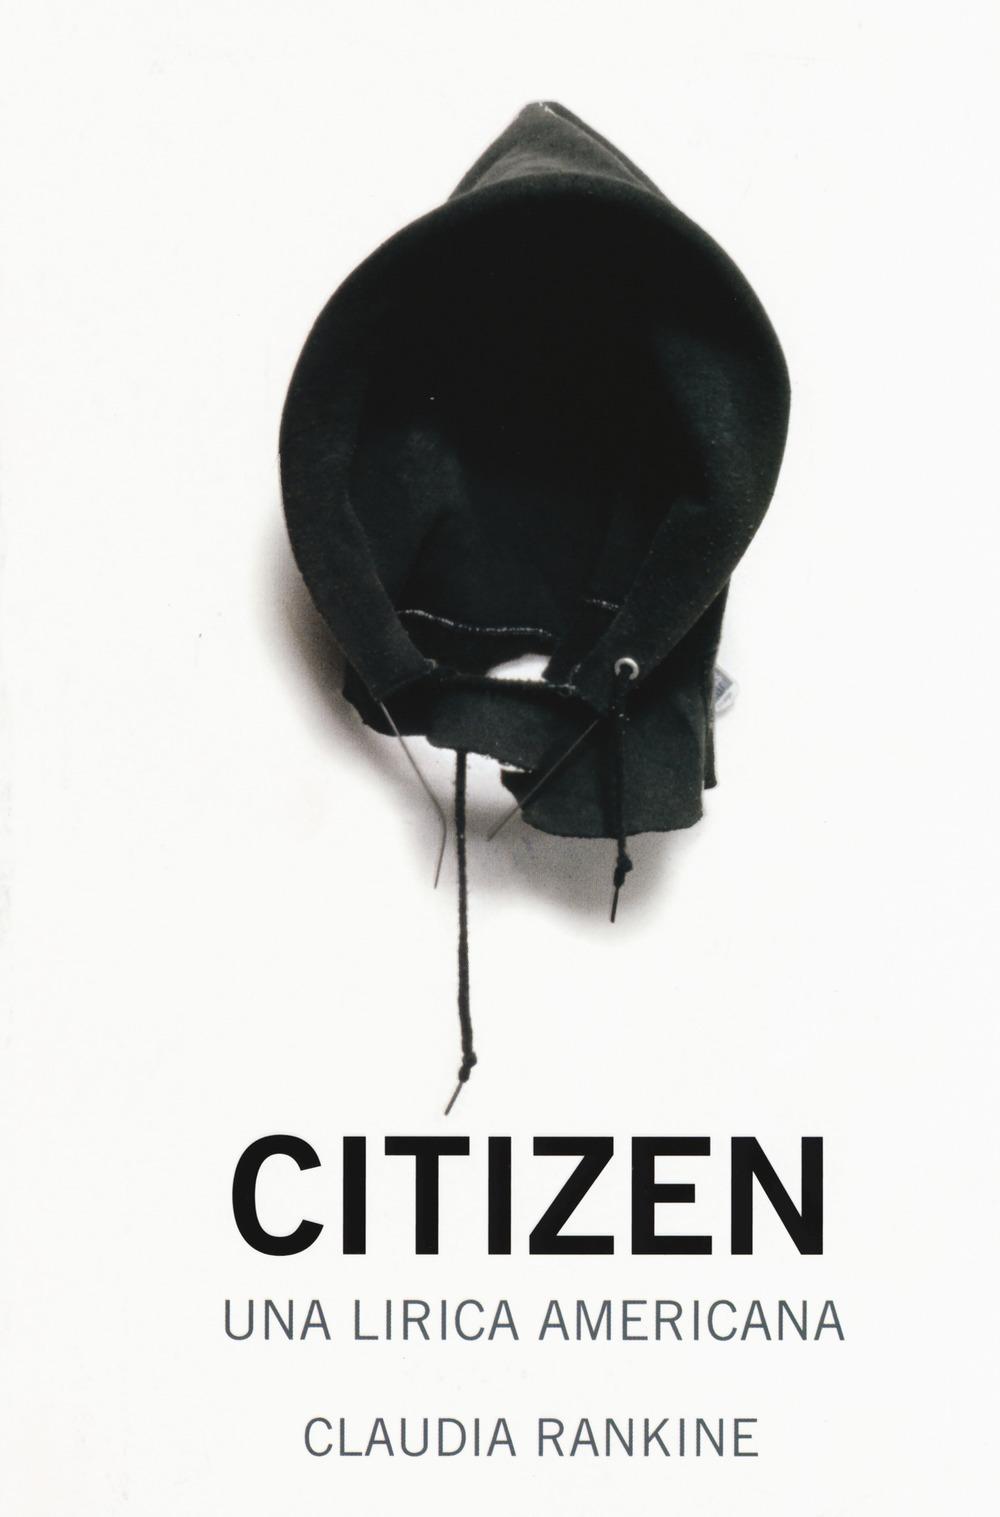 Citizen. Una lirica americana